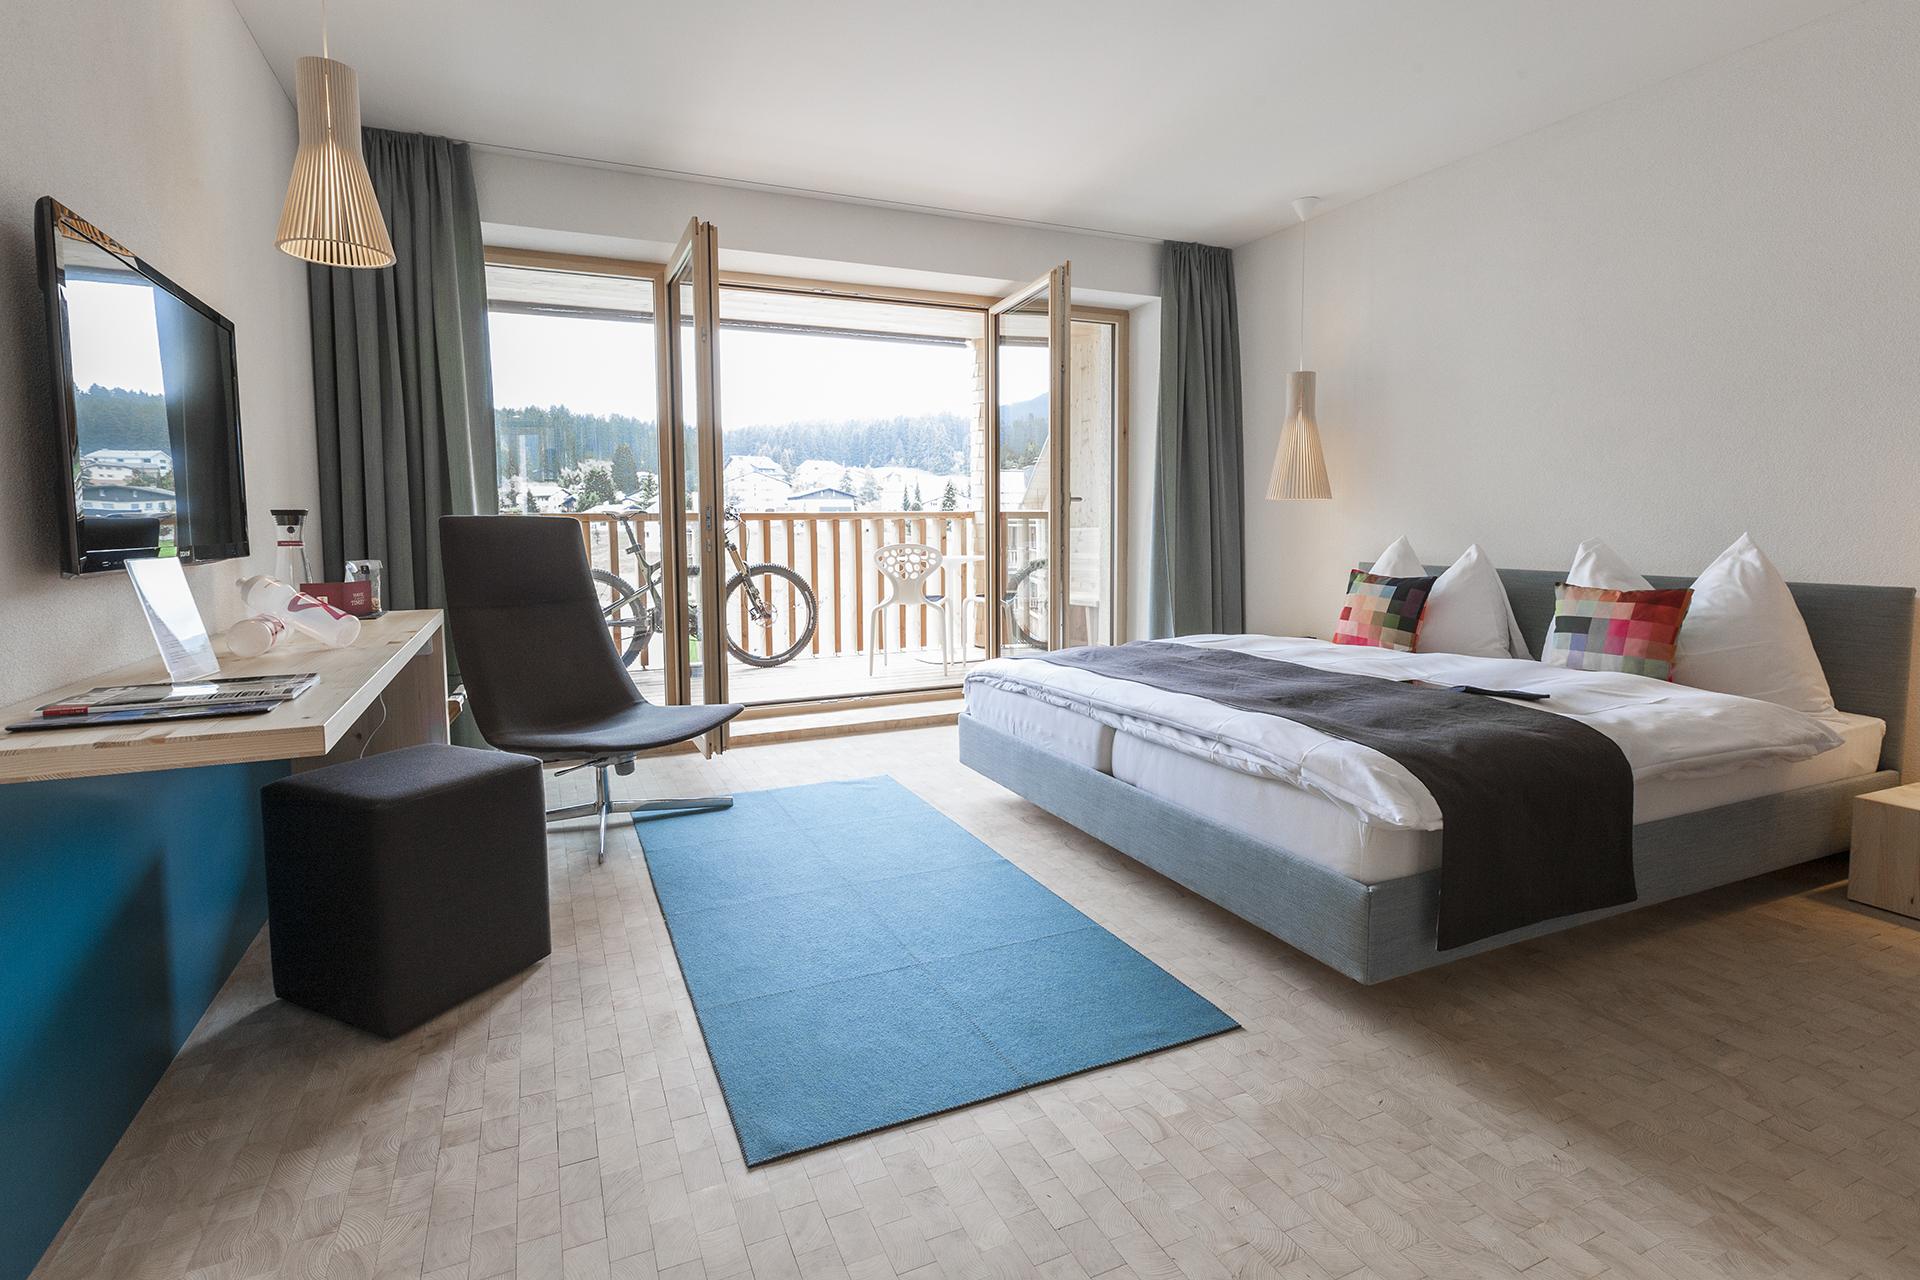 Zimmer bestzeit lifestyle sport hotel for Trendige hotels